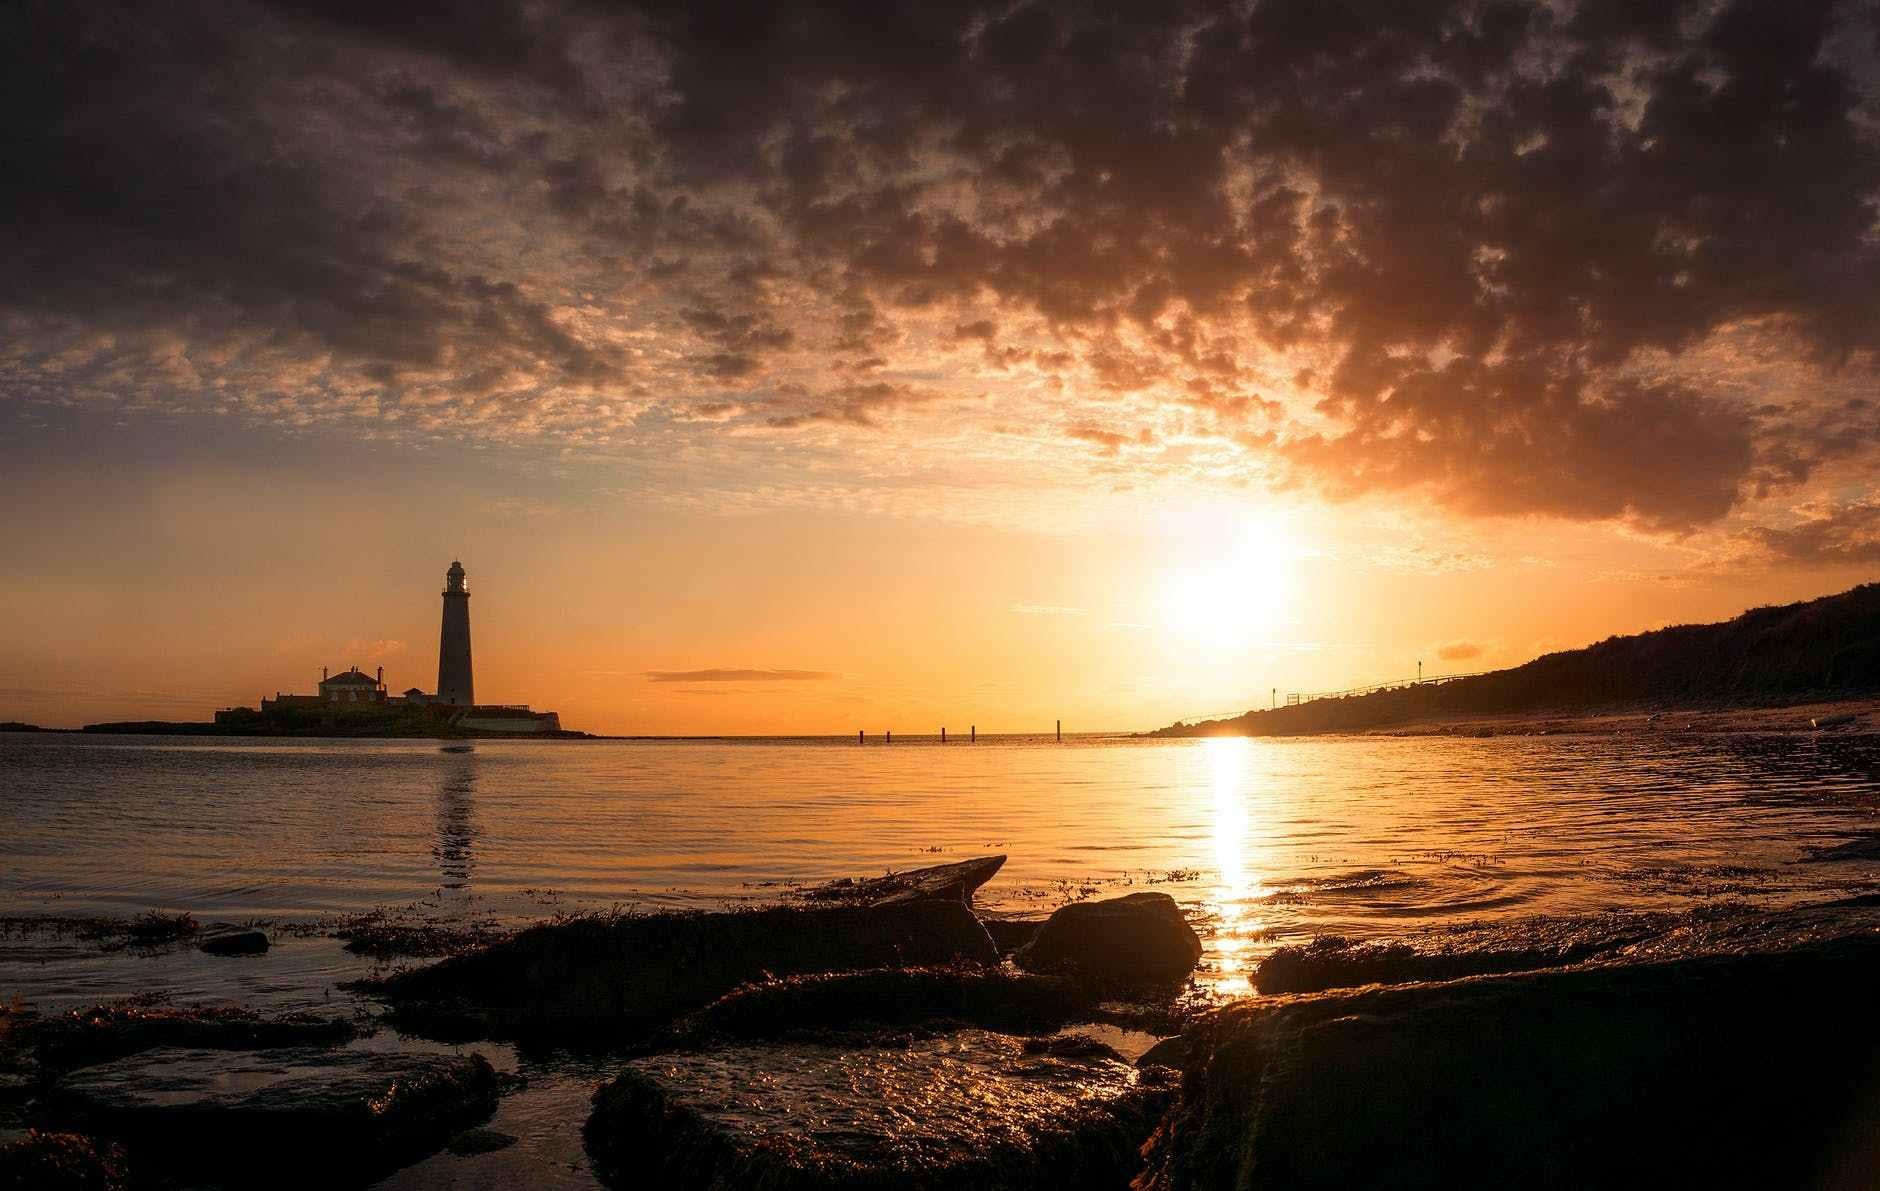 beach near island with lighthouse